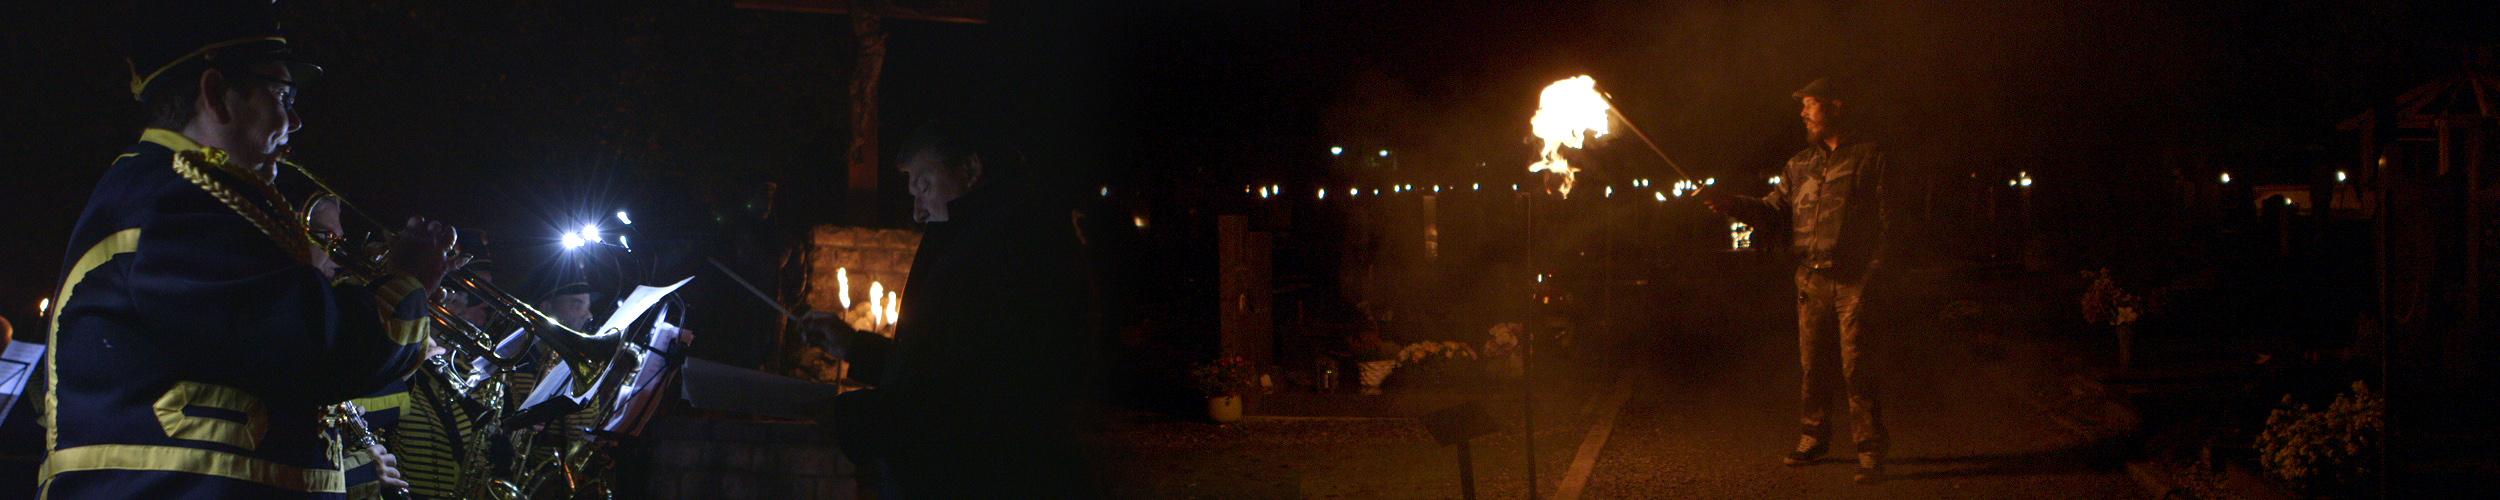 kerkhof01.jpg